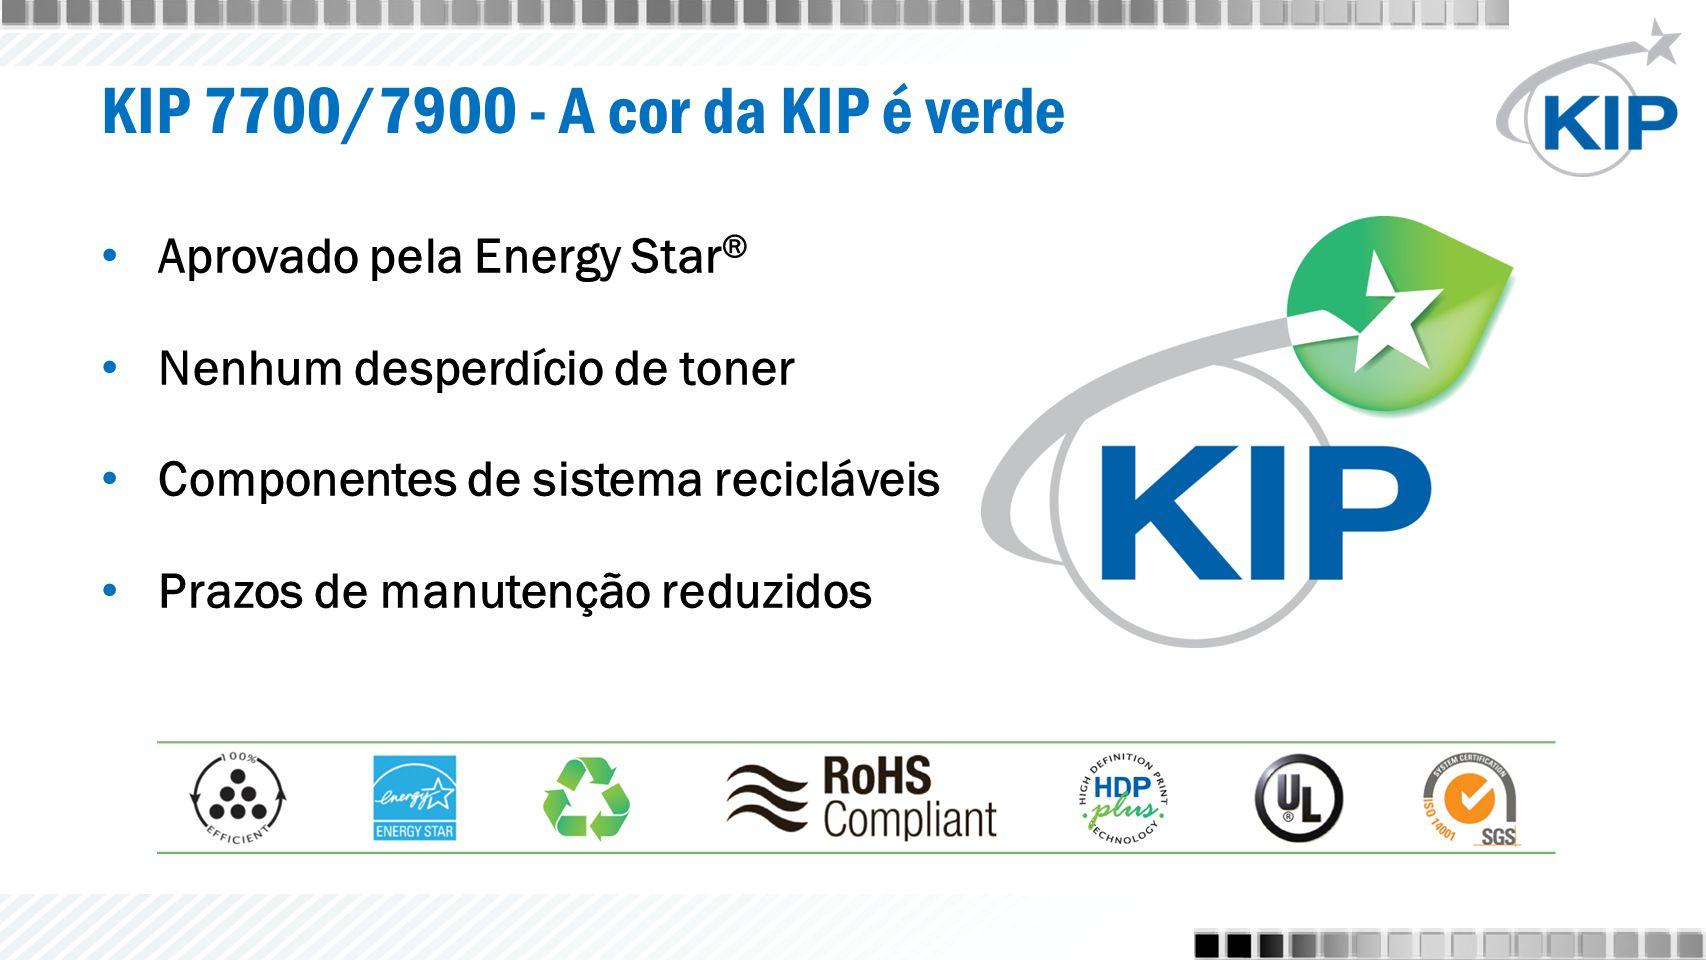 KIP 7700/7900 - A cor da KIP é verde Aprovado pela Energy Star ® Nenhum desperdício de toner Componentes de sistema recicláveis Prazos de manutenção r